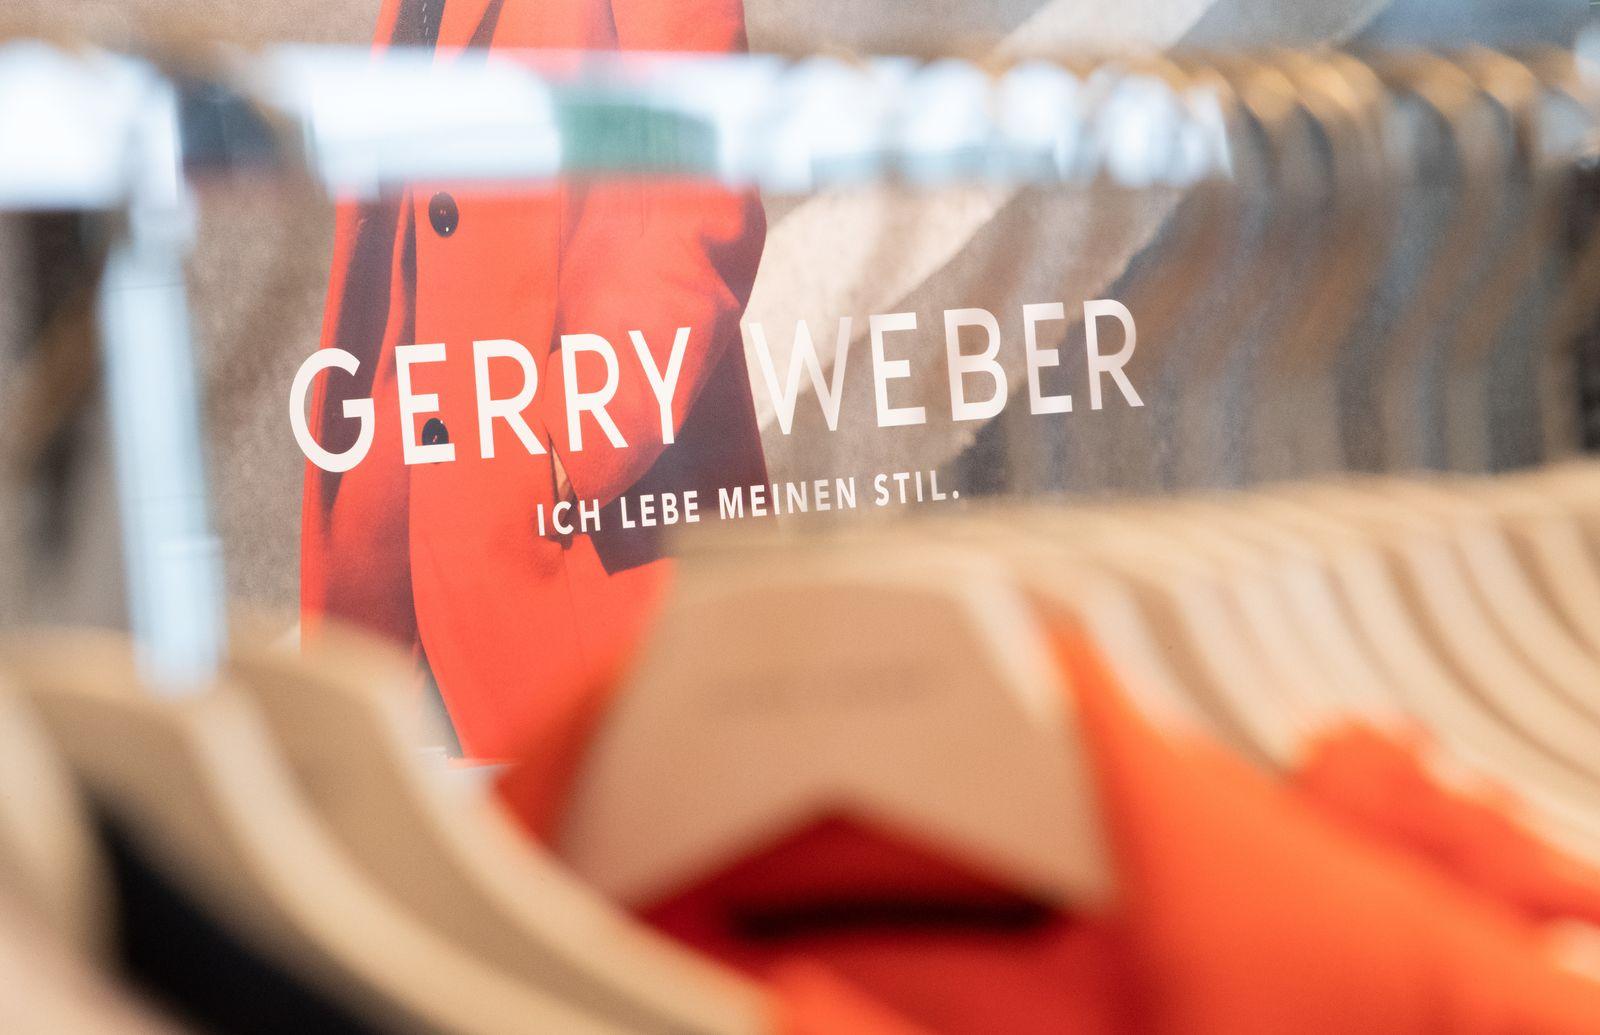 Modeunternehmen Gerry Weber